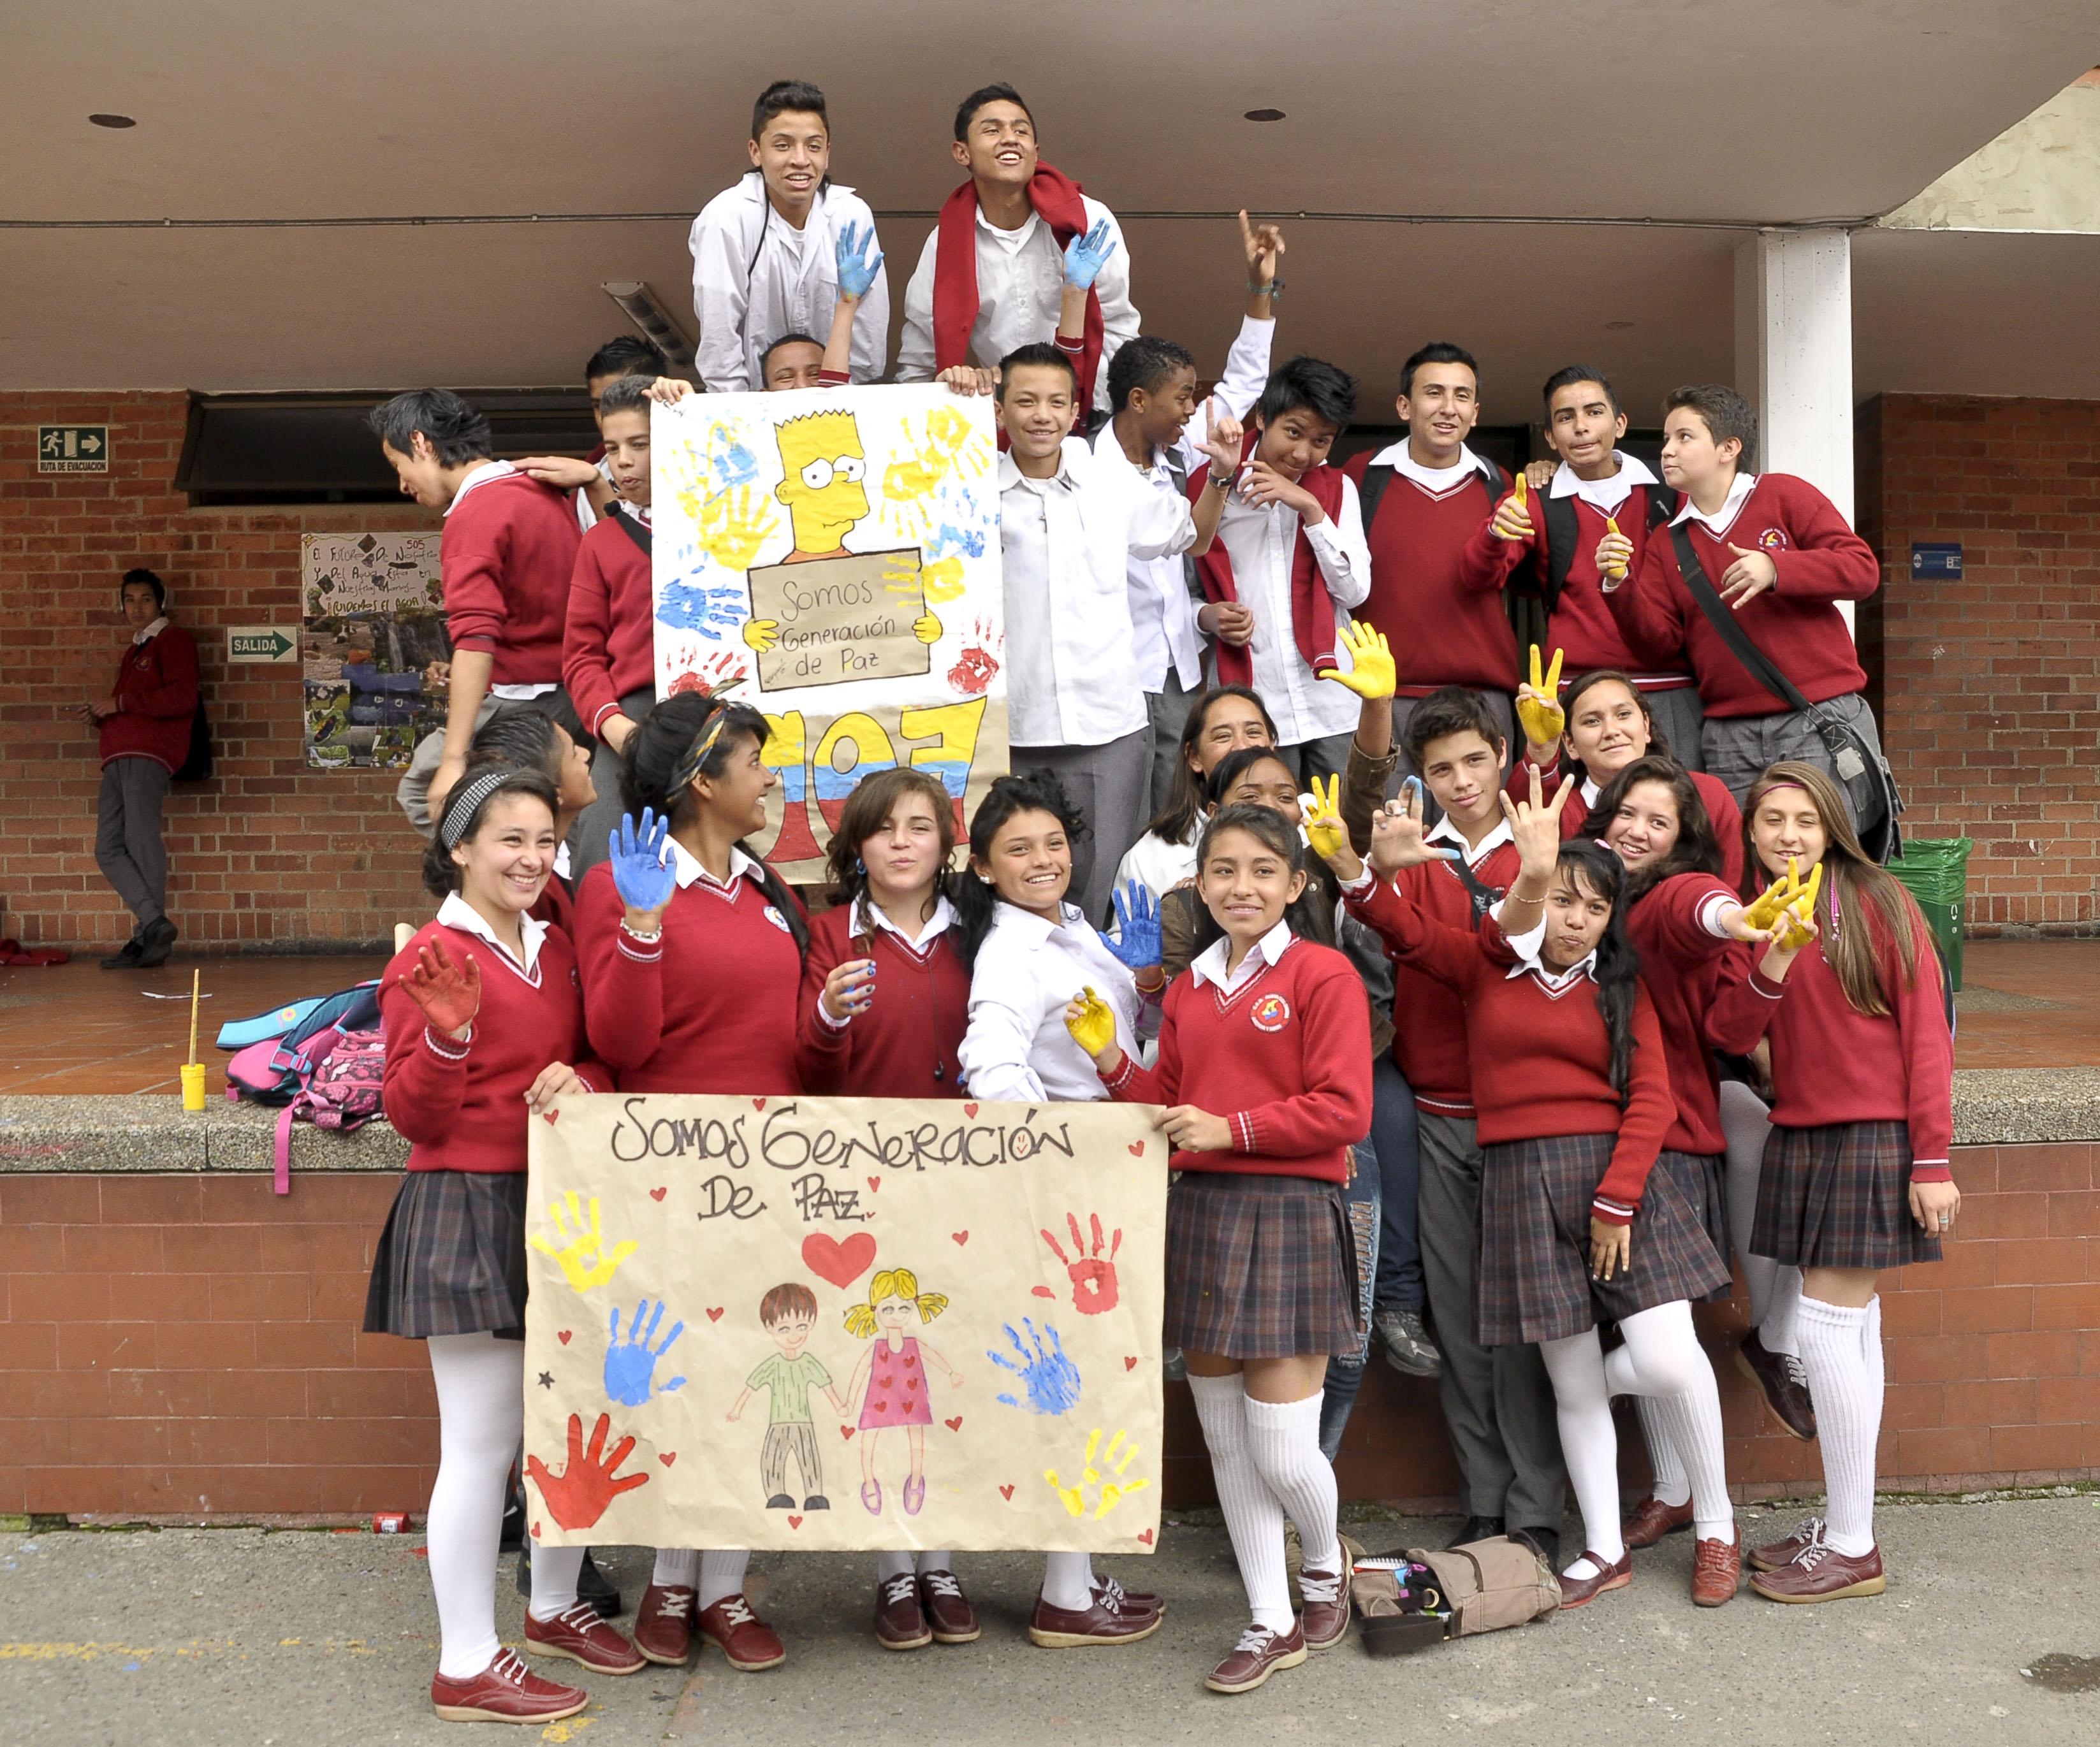 Somos Generacion de Paz 16 (2)